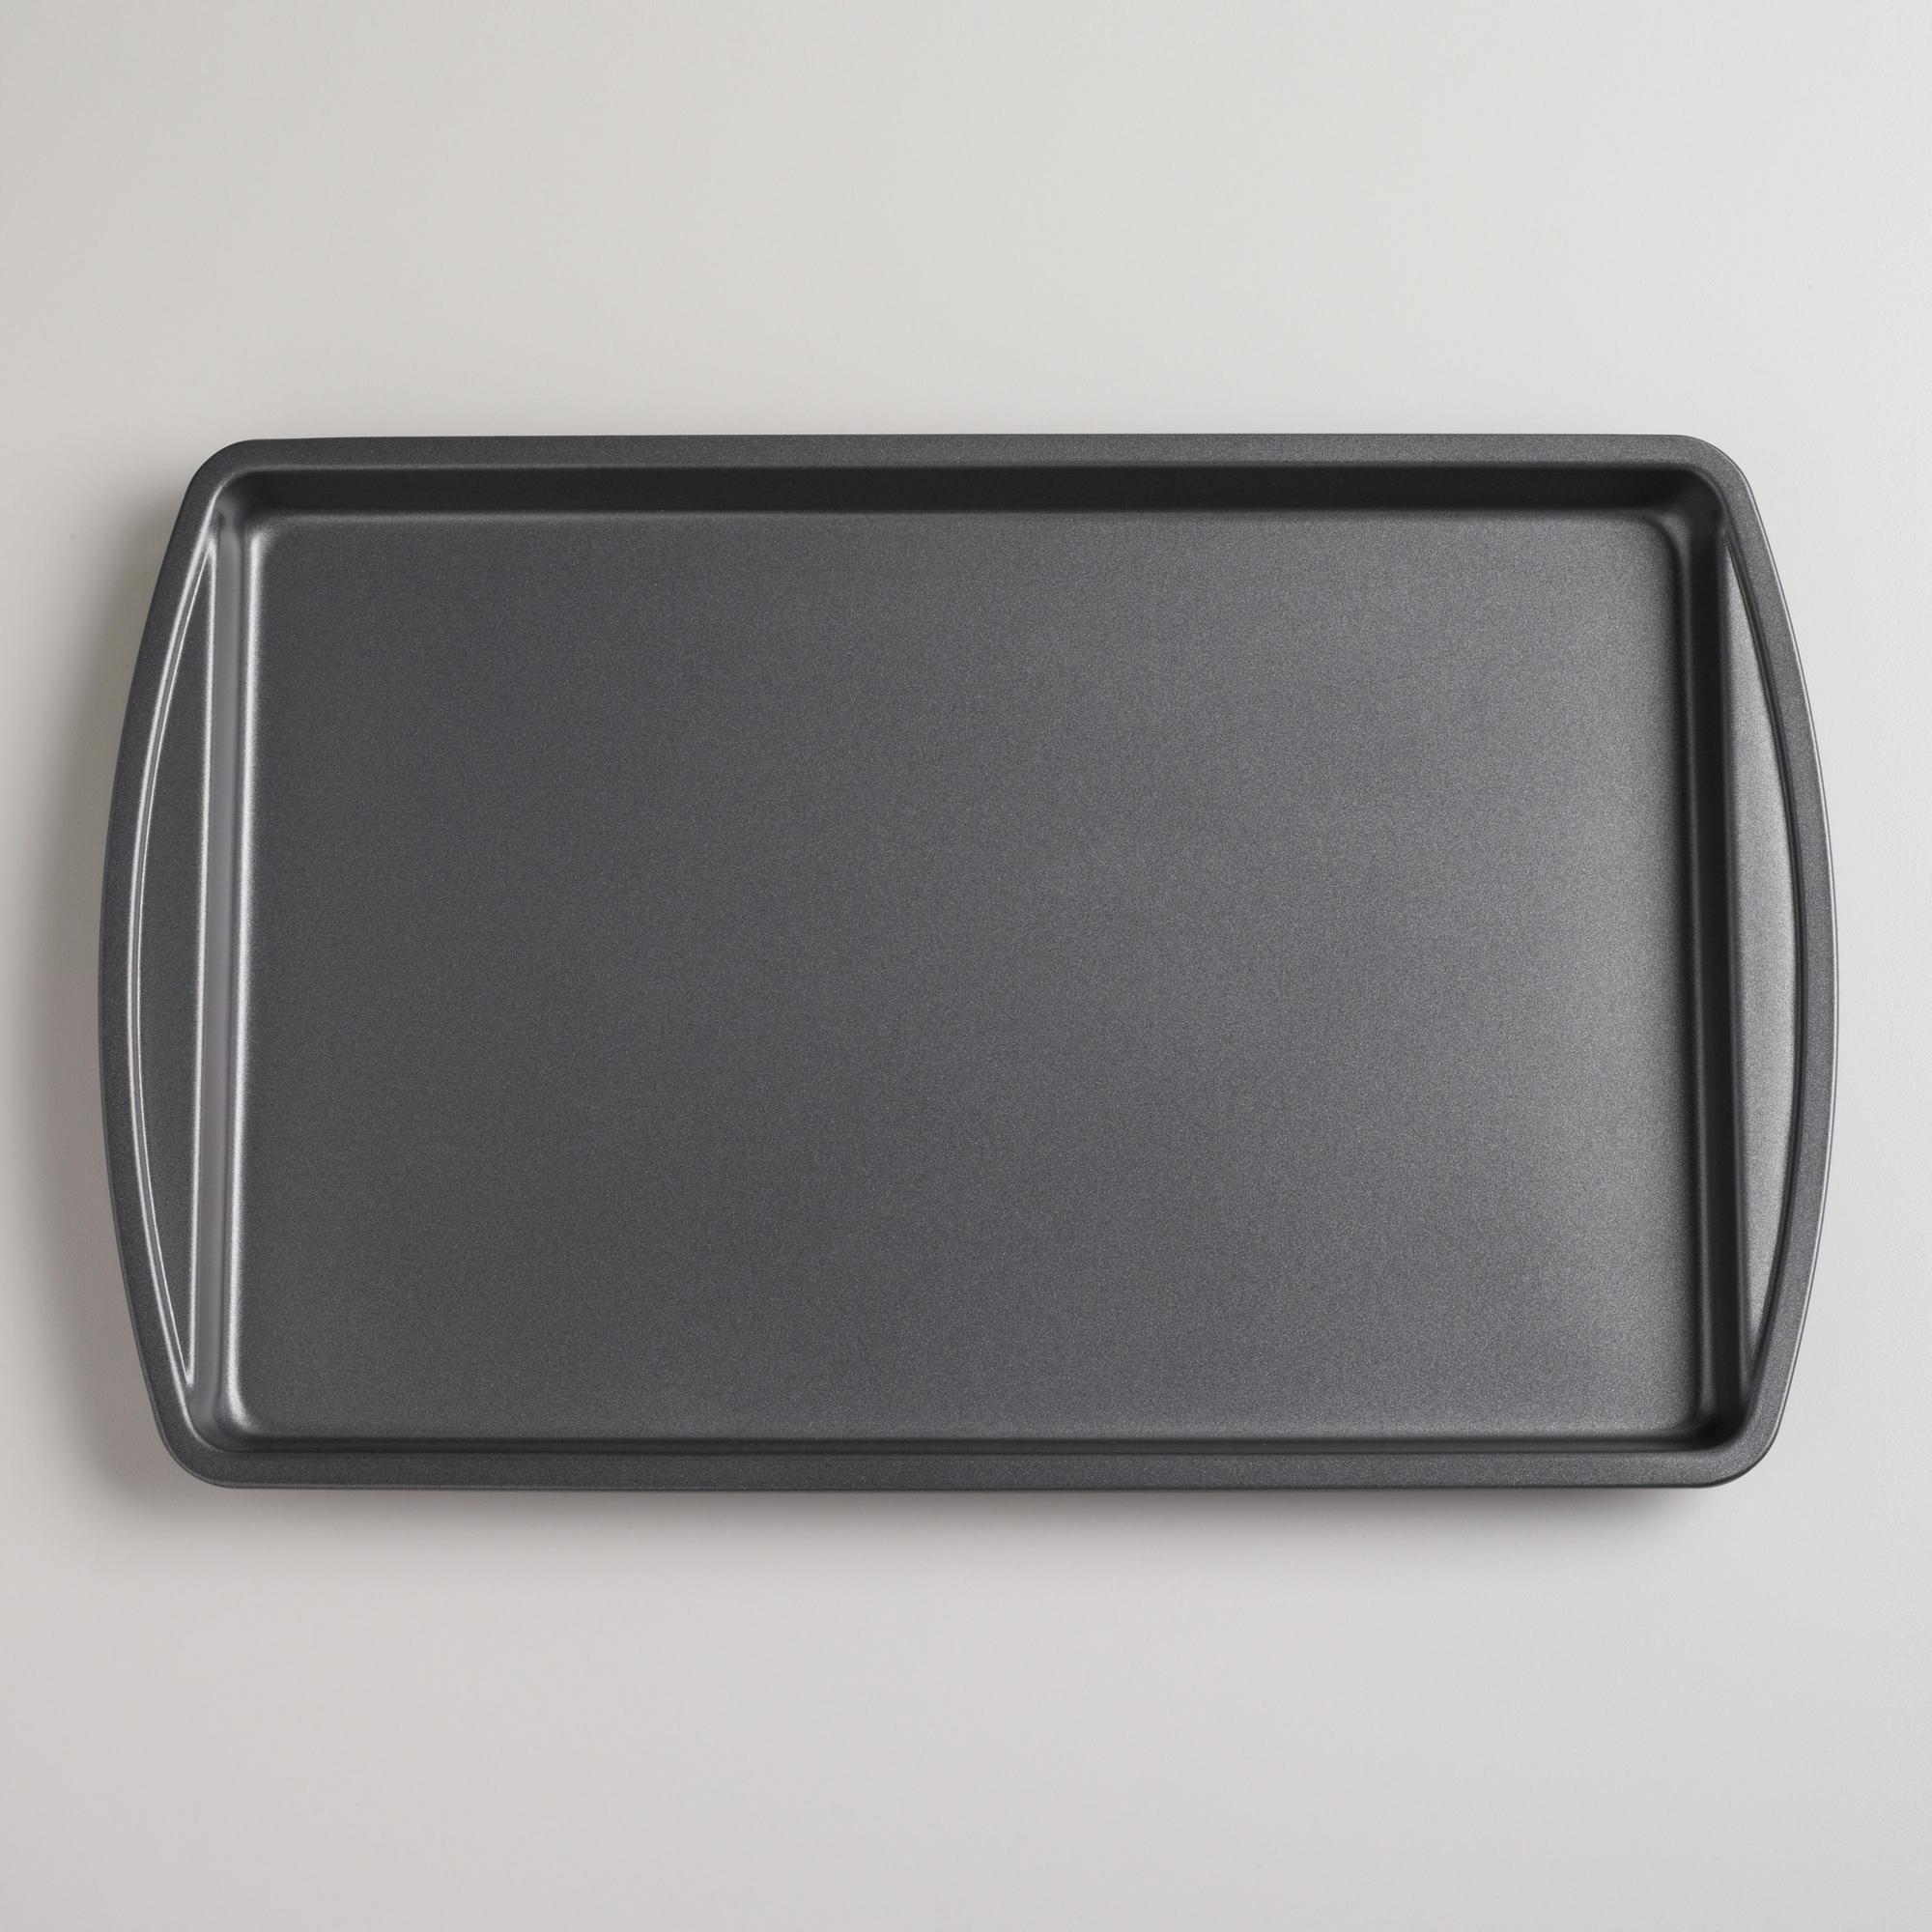 Pme Non Stick Cookie Sheet Cake Baking Pan Flat Tin